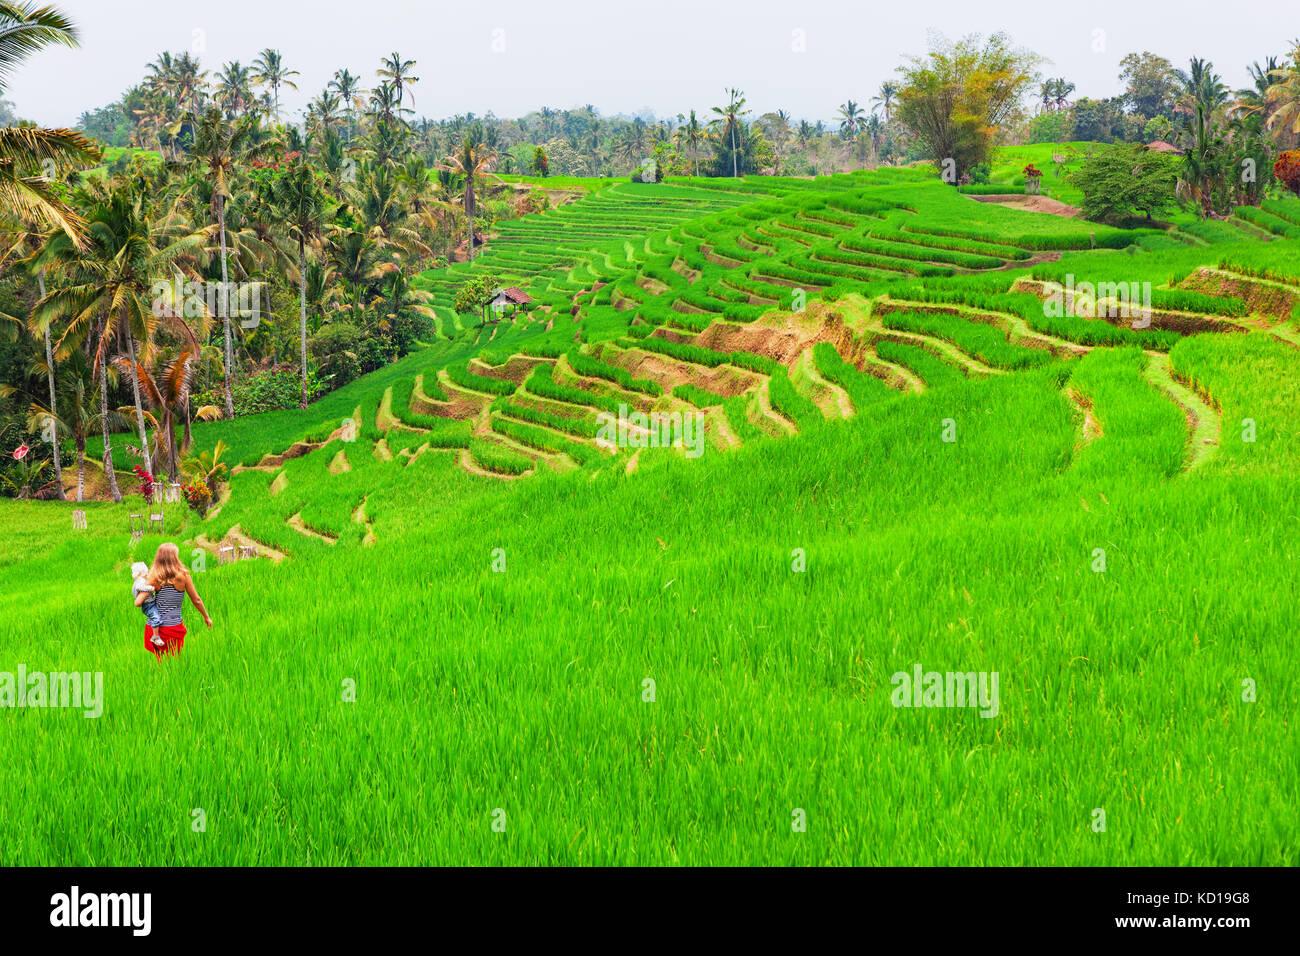 Mutter mit Baby Sohn begehbare Terrasse Plantage mit wachsenden grünen Reis. schöne Aussicht auf traditionelle Stockbild